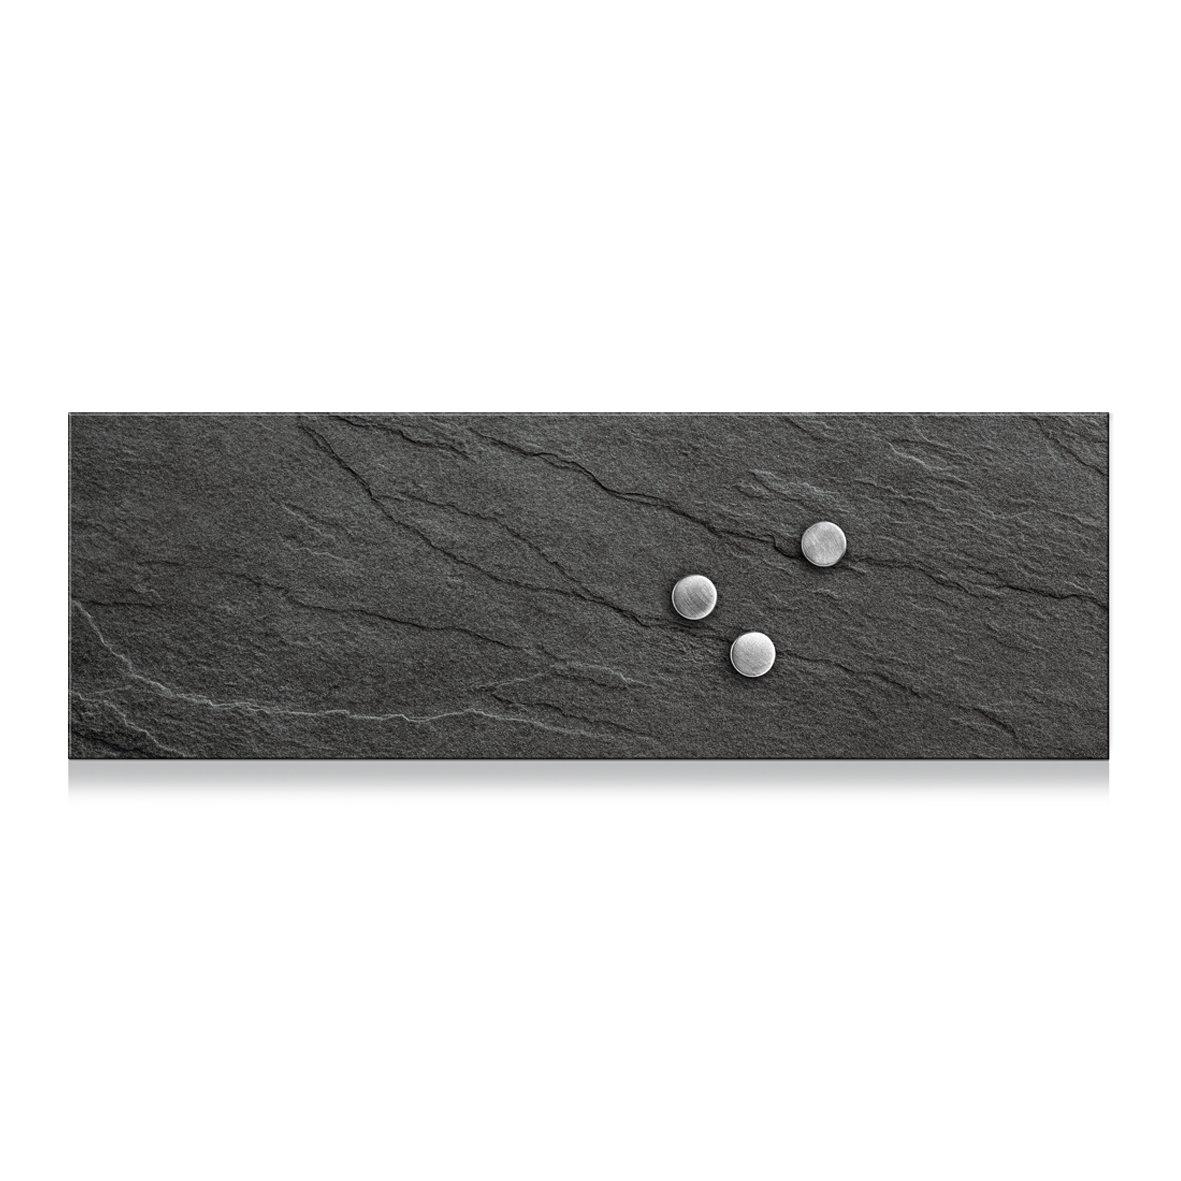 Verre 75 x 25 cm Noir Zeller Memobord